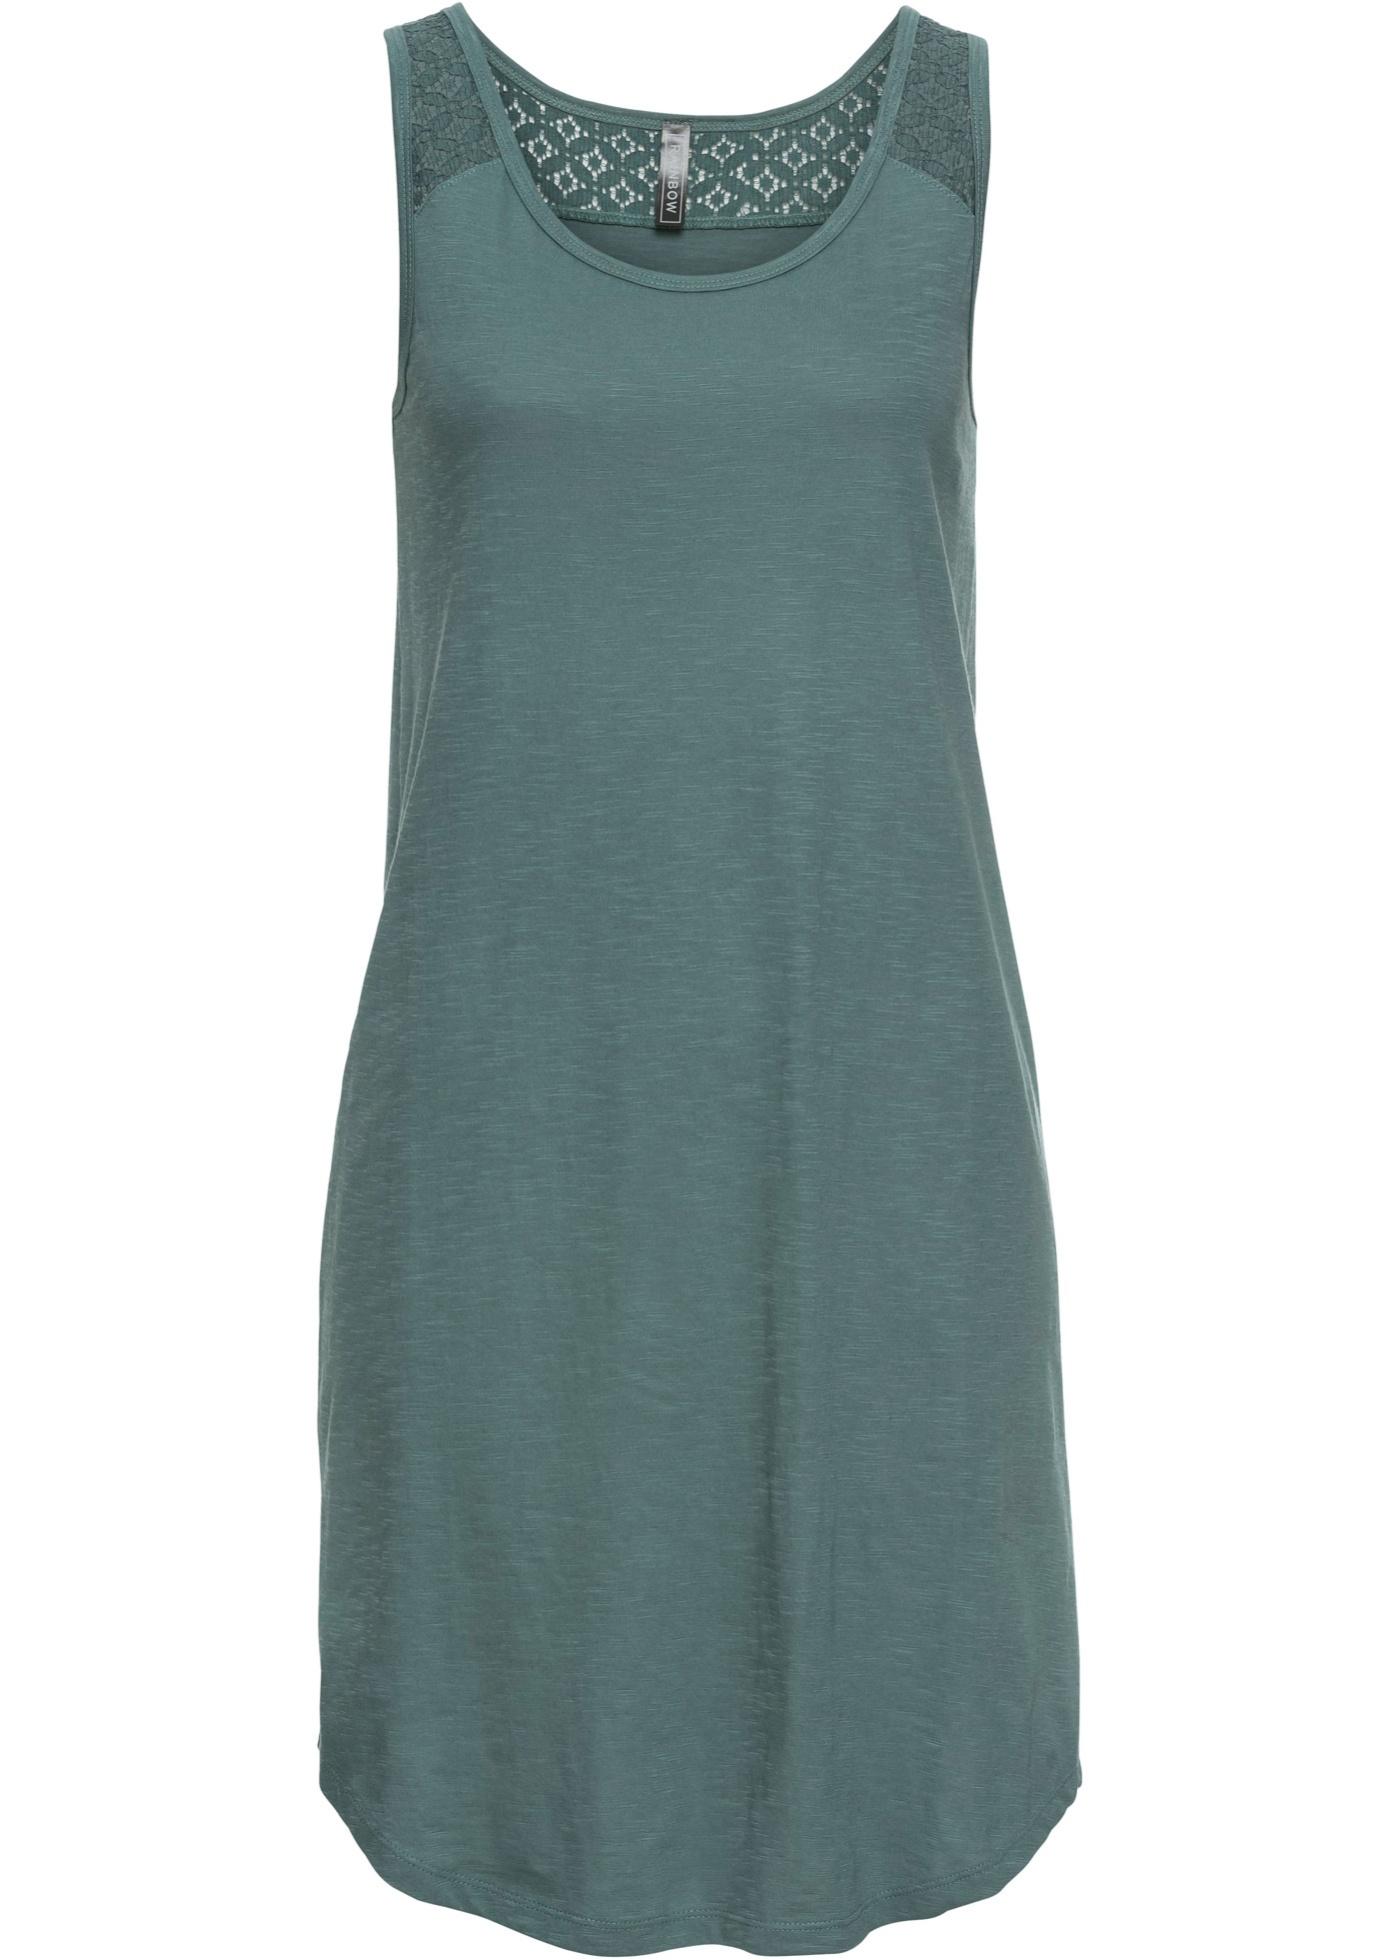 Levné Úpletové šaty s krajkou | Zelená barva šatů